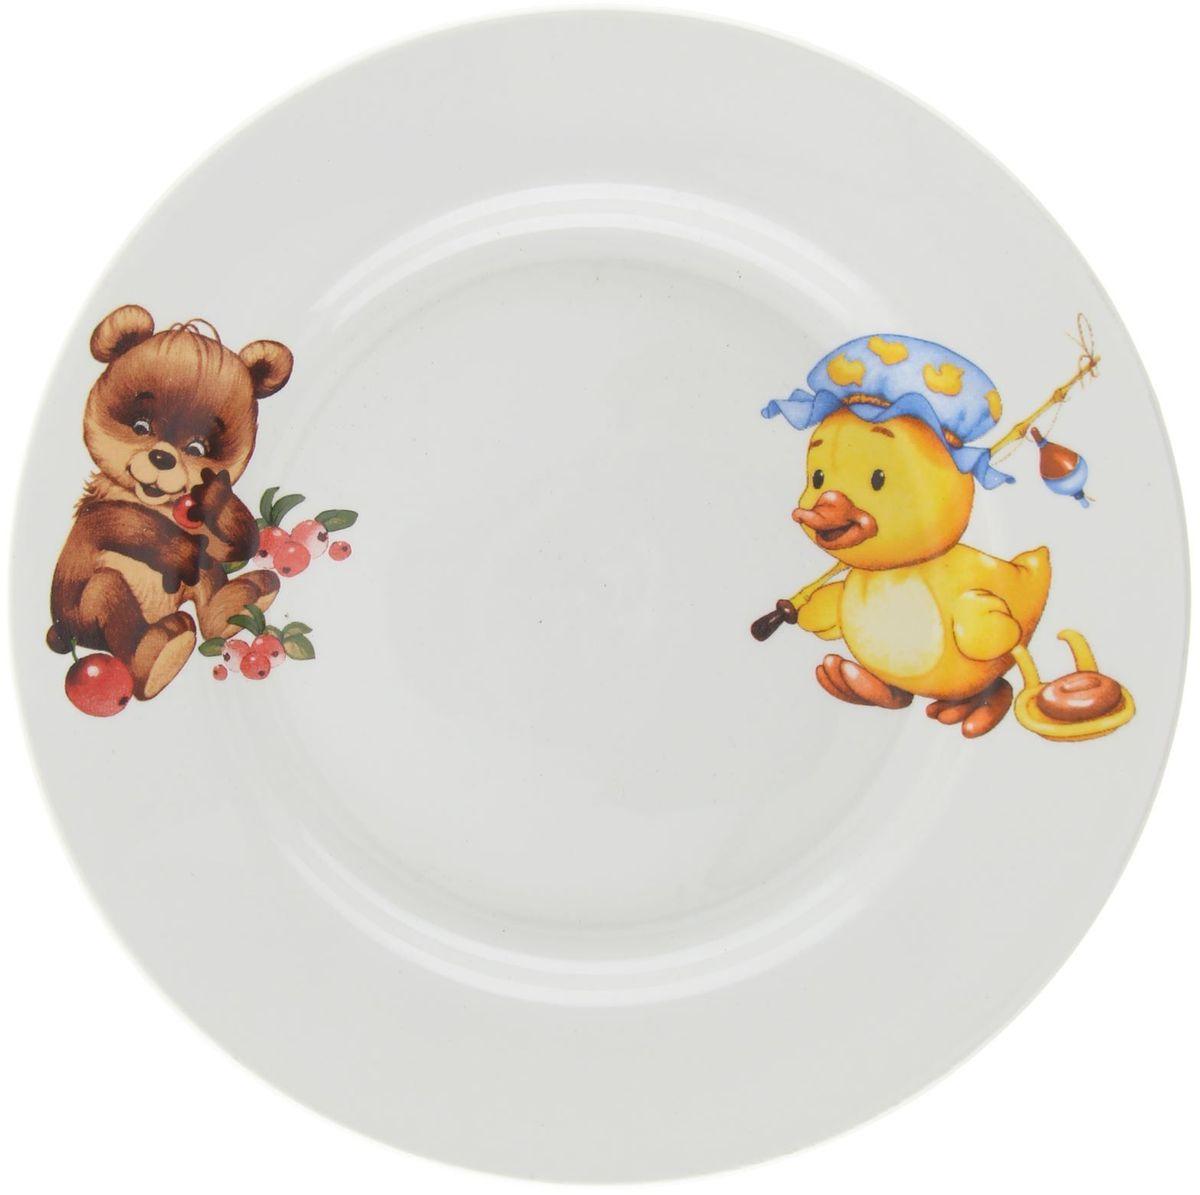 Кубаньфарфор Тарелка детская Утенок, медвежонок 13013851301385Фаянсовая детская посуда с забавным рисунком понравится каждому малышу. Изделие из качественного материала станет правильным выбором для повседневной эксплуатации и поможет превратить каждый прием пищи в радостное приключение.Особенности:- простота мойки,- стойкость к запахам,- насыщенный цвет.